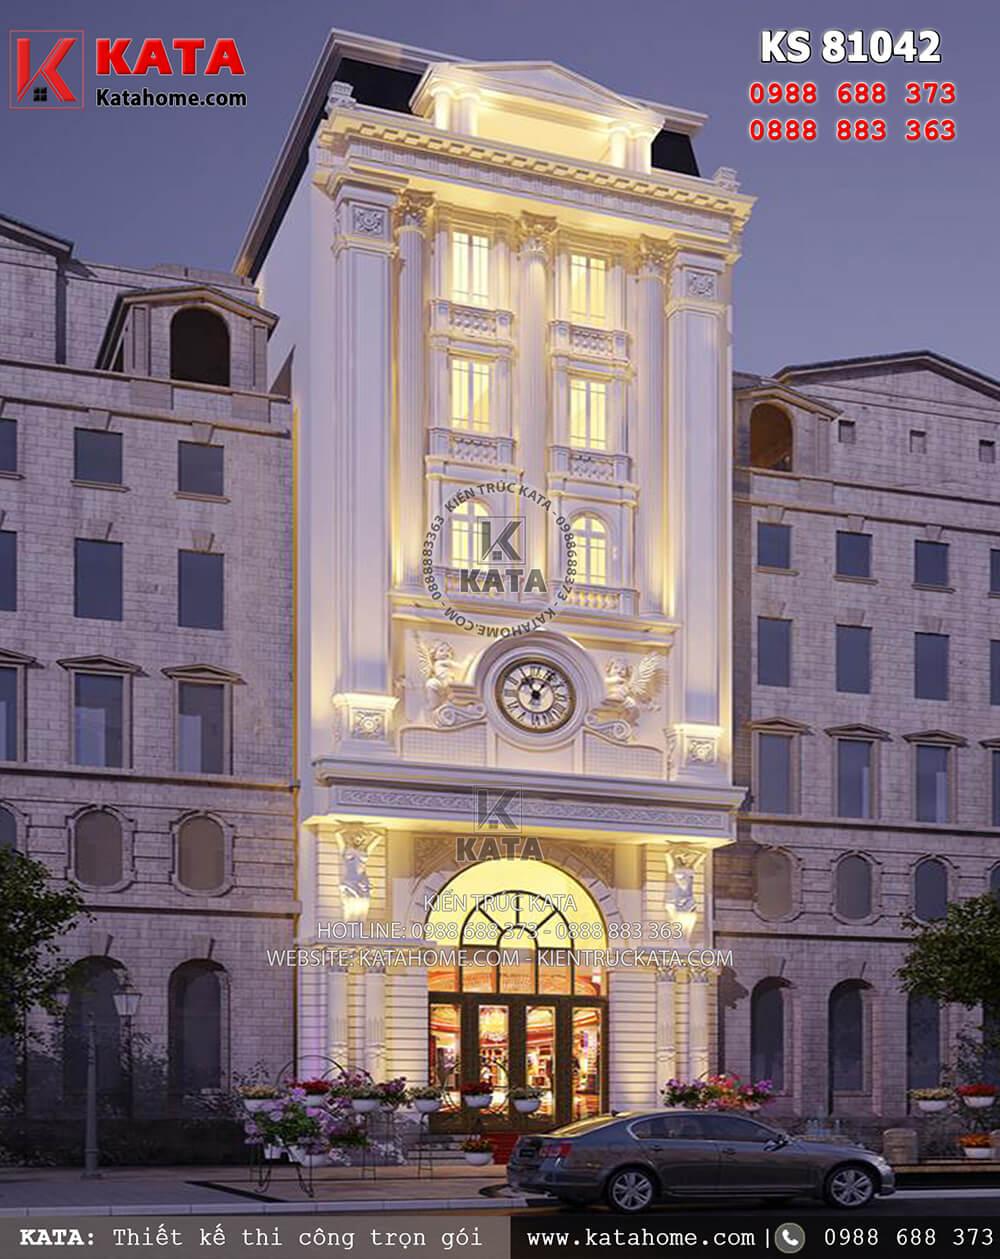 Một góc nhìn của mẫu khách sạn đẹp 3 sao tân cổ điển tại Đà Nẵng